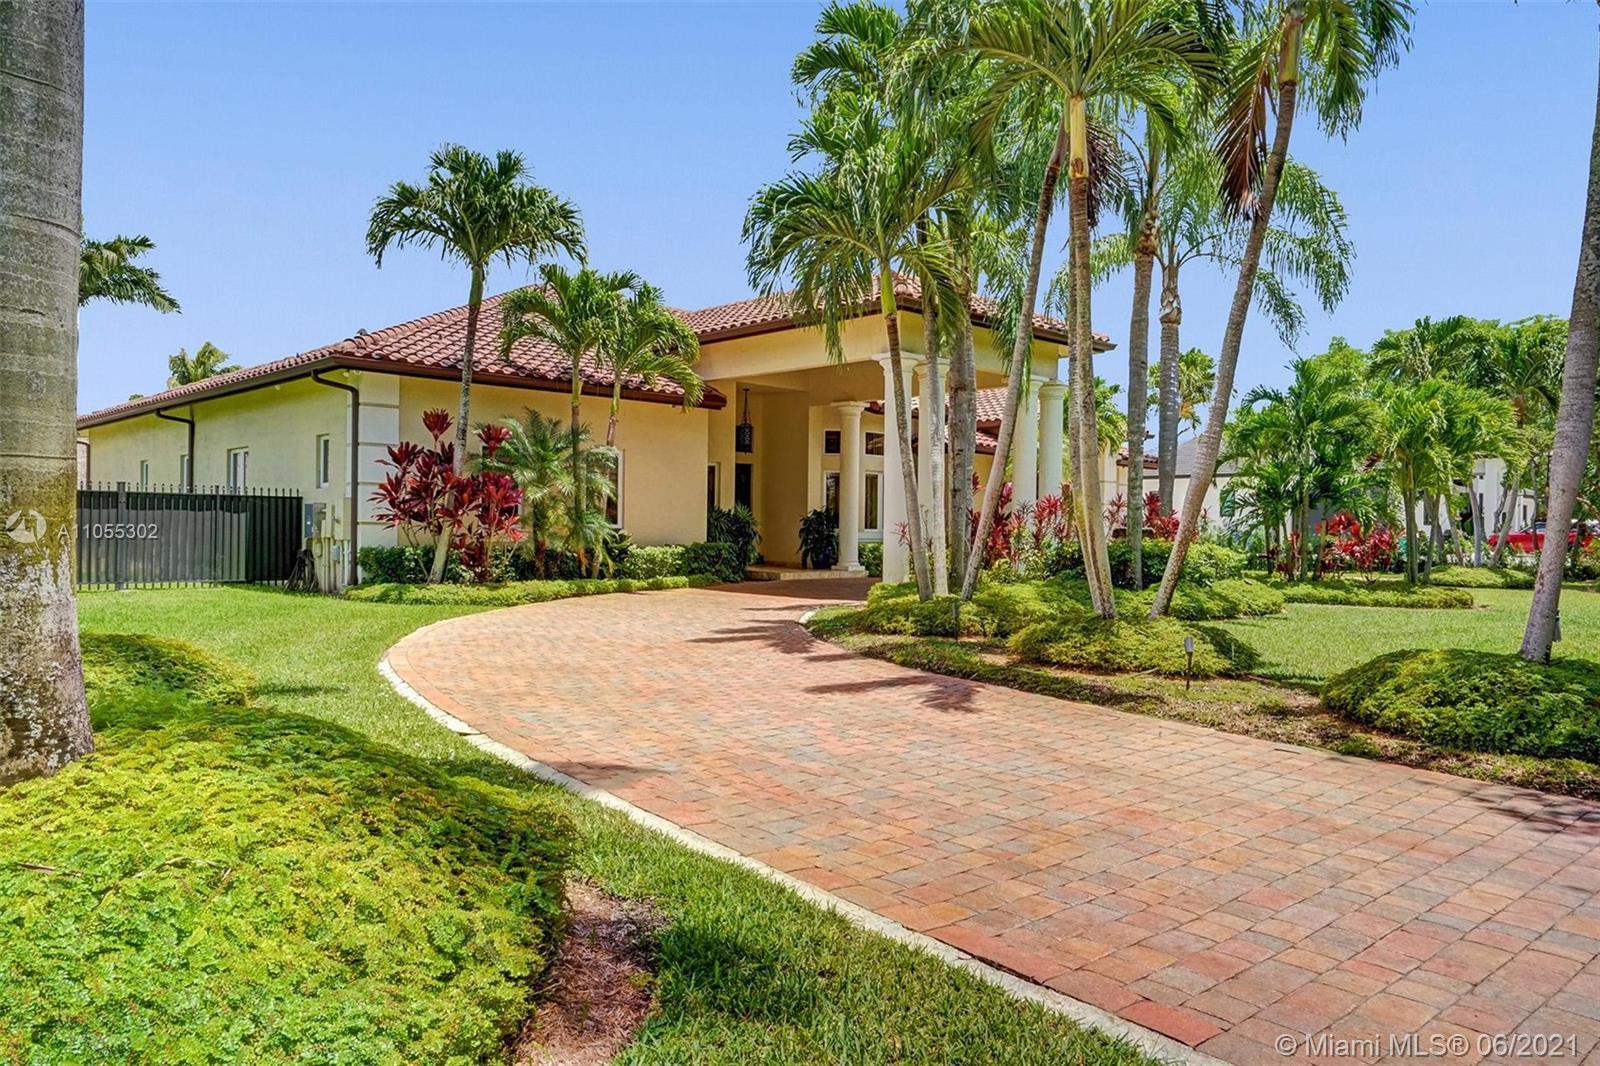 Photo of 9855 SW 125th Ave, Miami, FL 33186